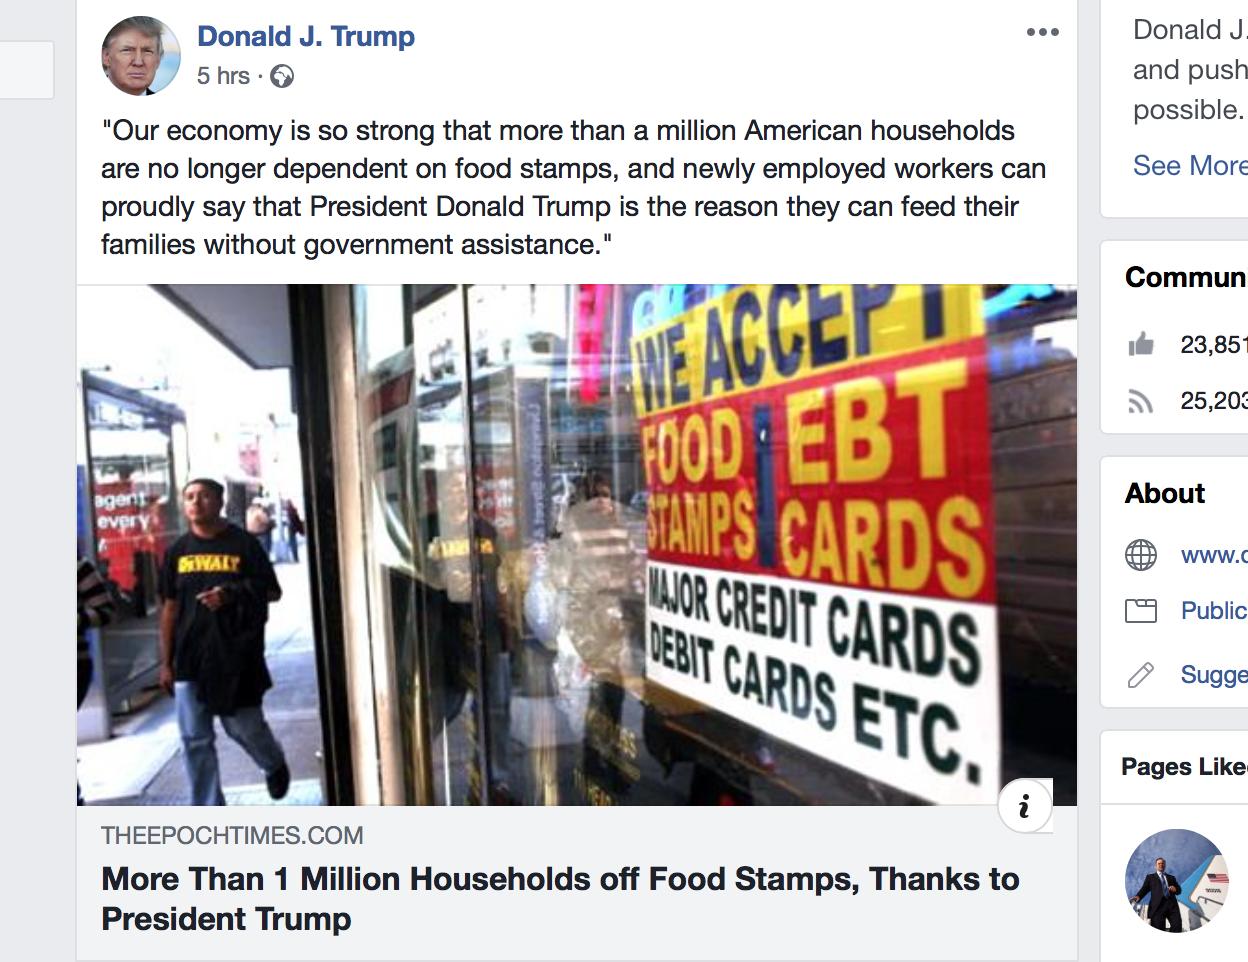 百萬家庭擺脫食品券 大紀元文章獲特朗普推送